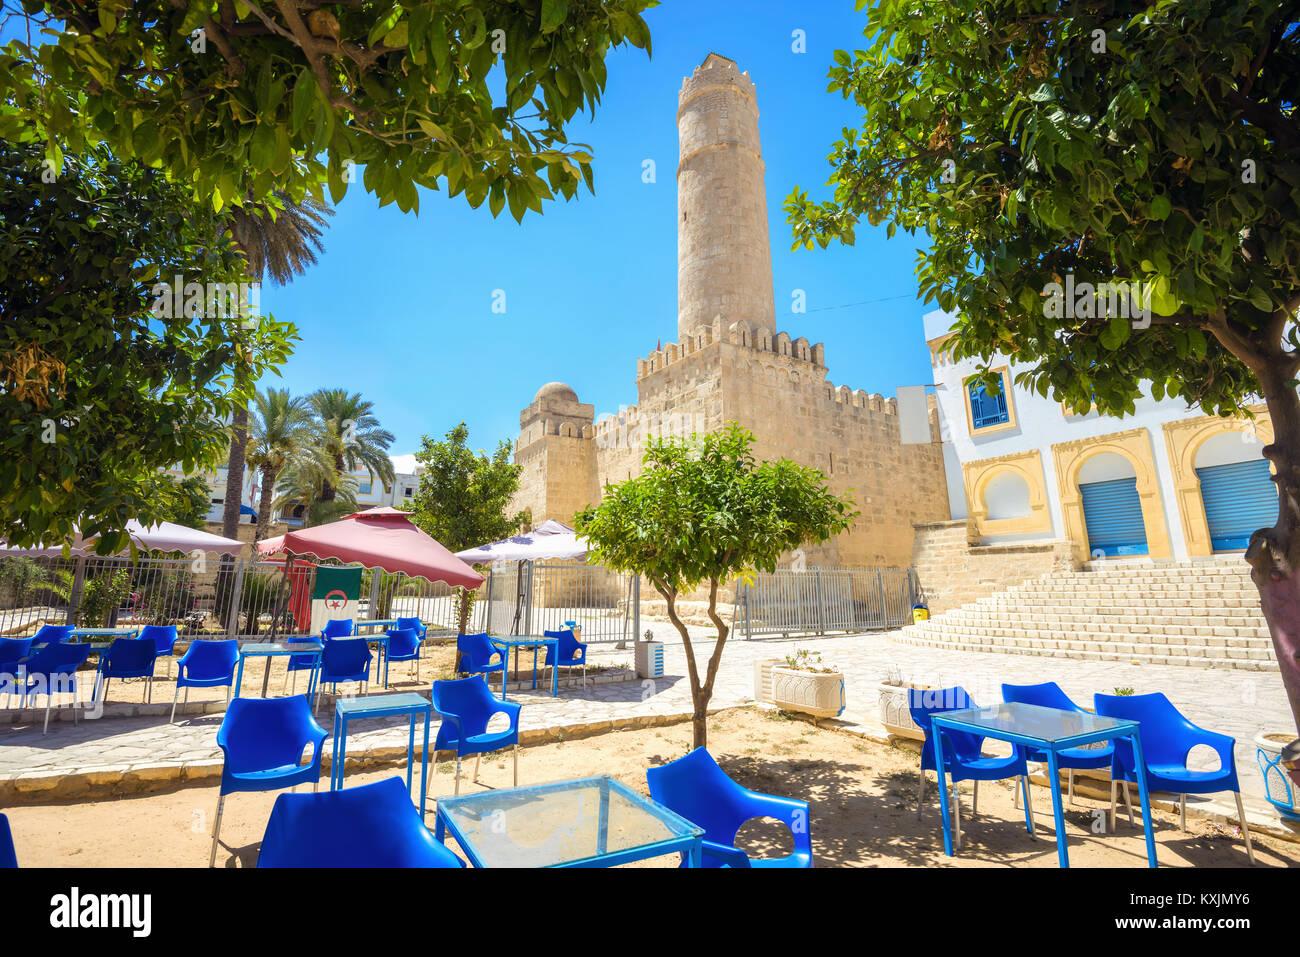 Stadtbild mit Street Cafe und Blick auf die alte Festung in Sousse. Tunesien, Nordafrika Stockfoto